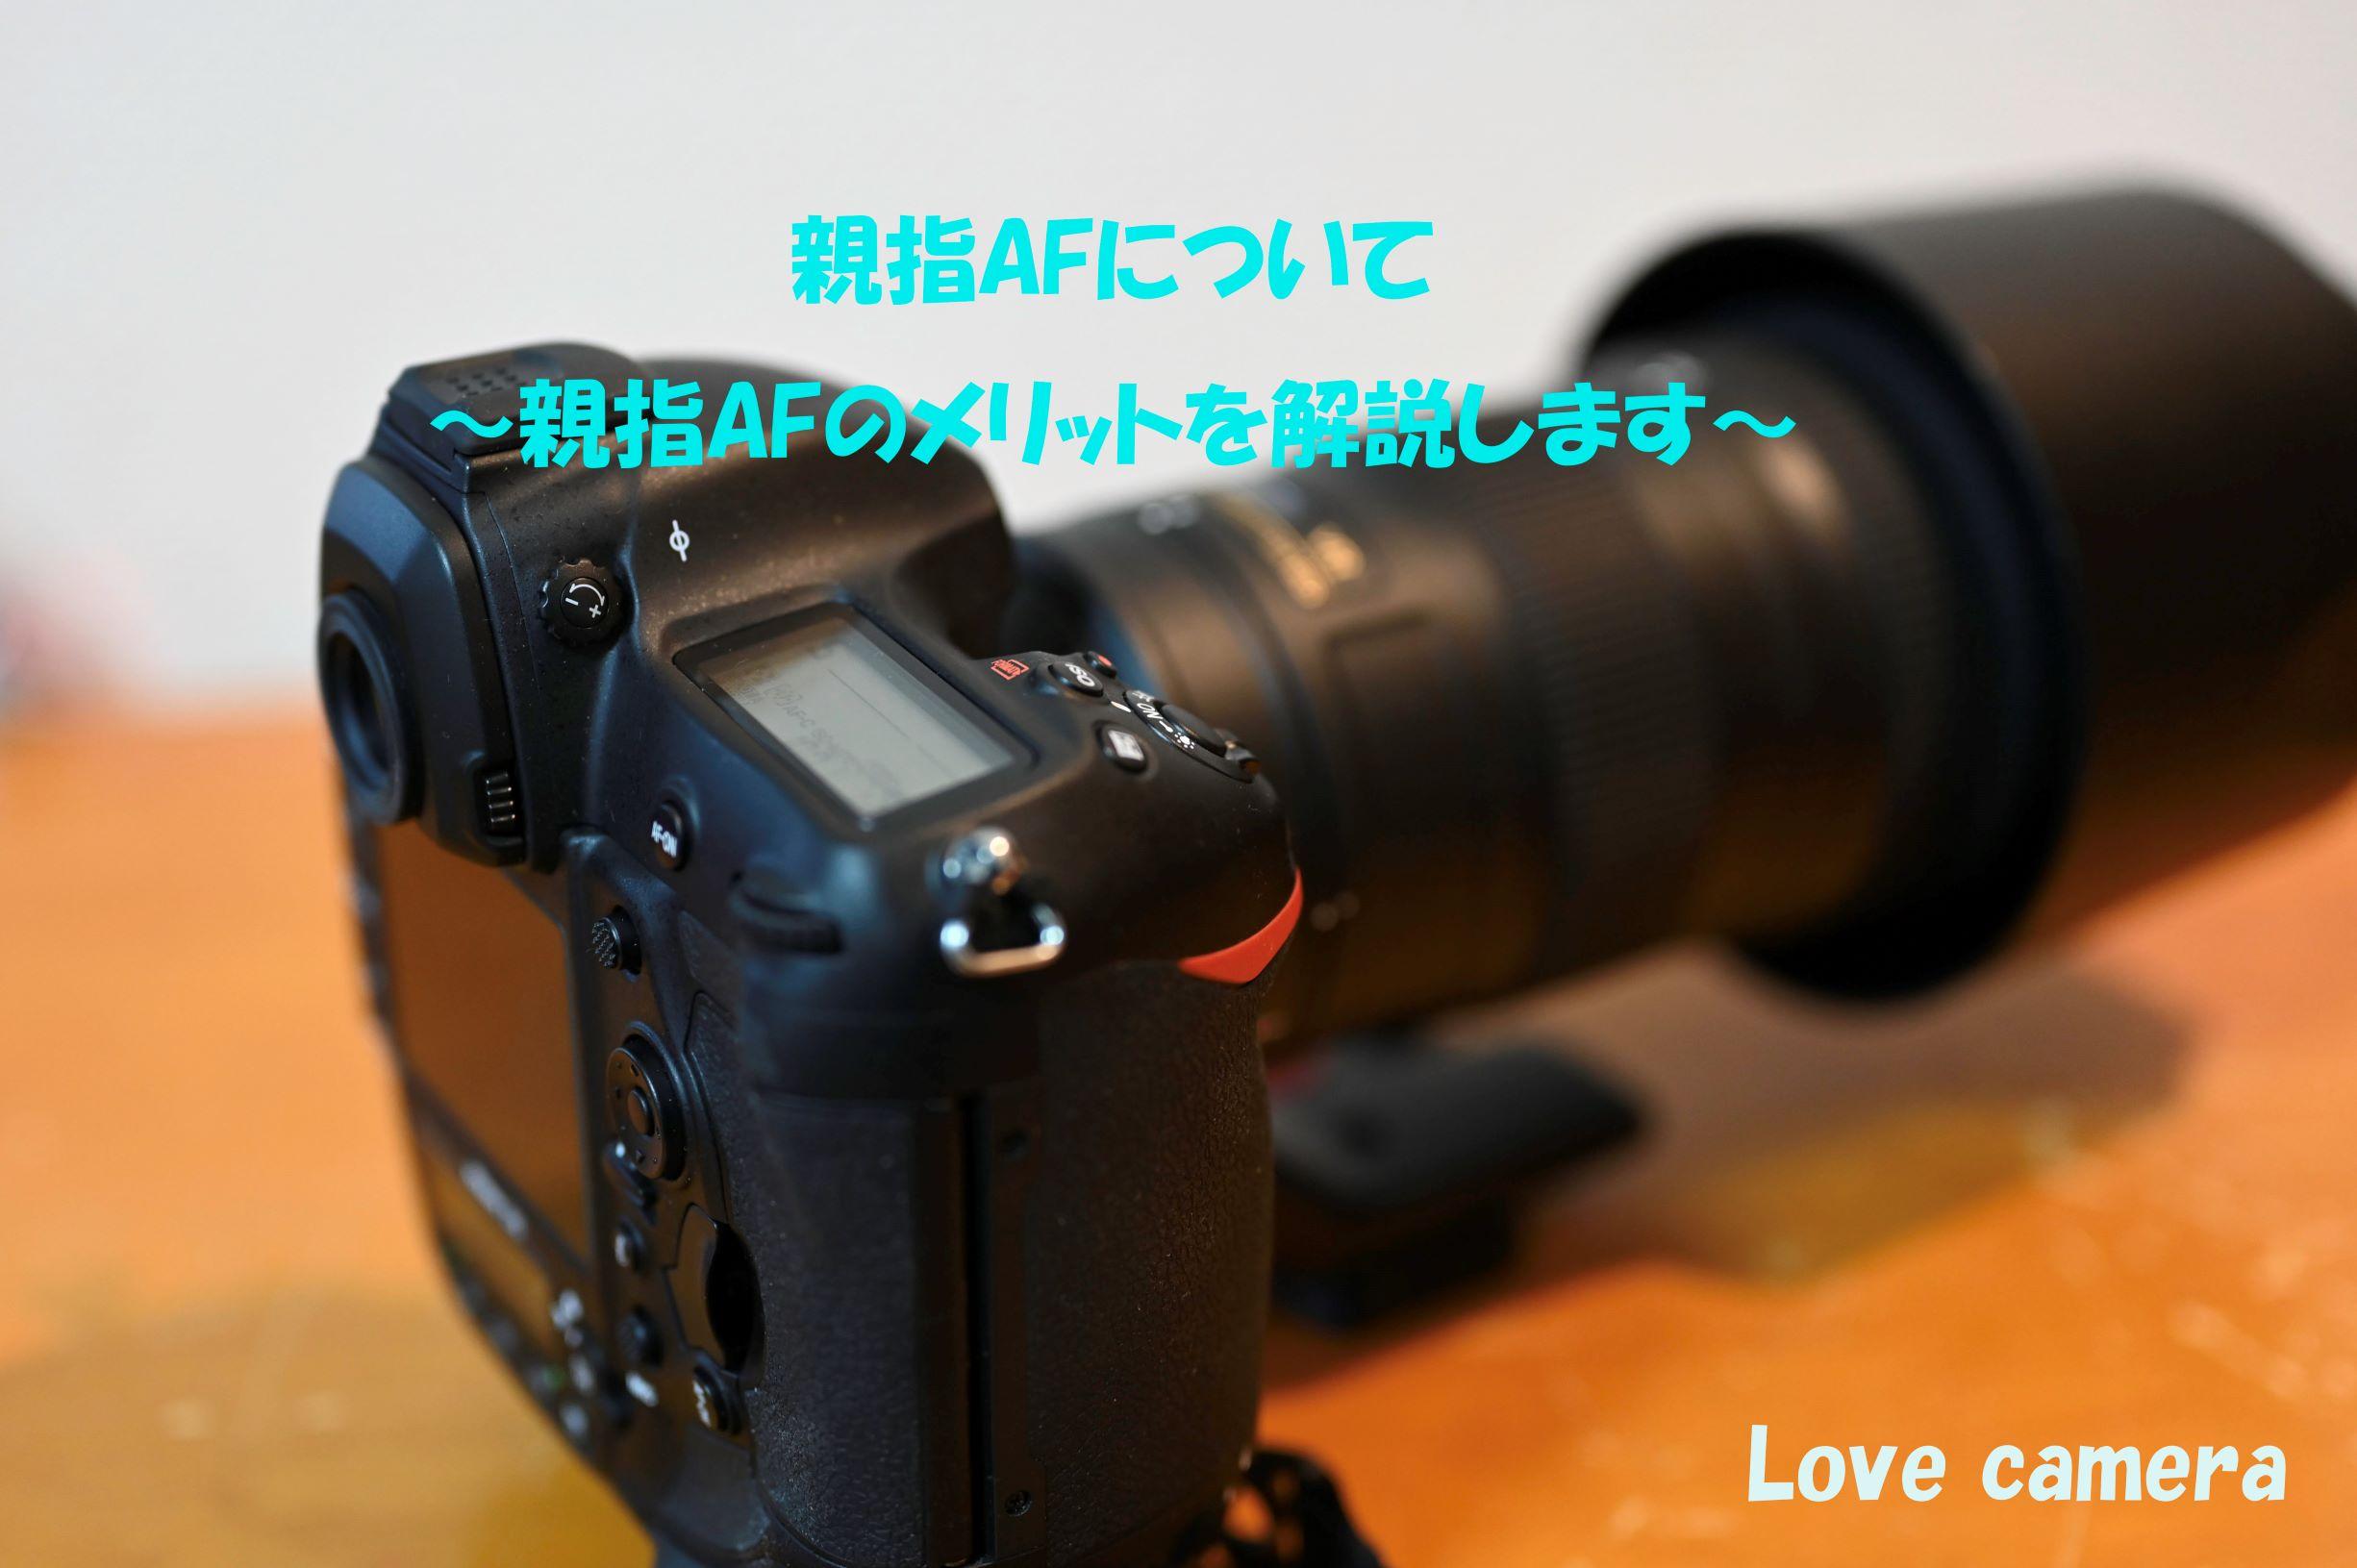 一眼カメラ 親指AFのメリットについて。ピント合わせが数倍楽になるよ